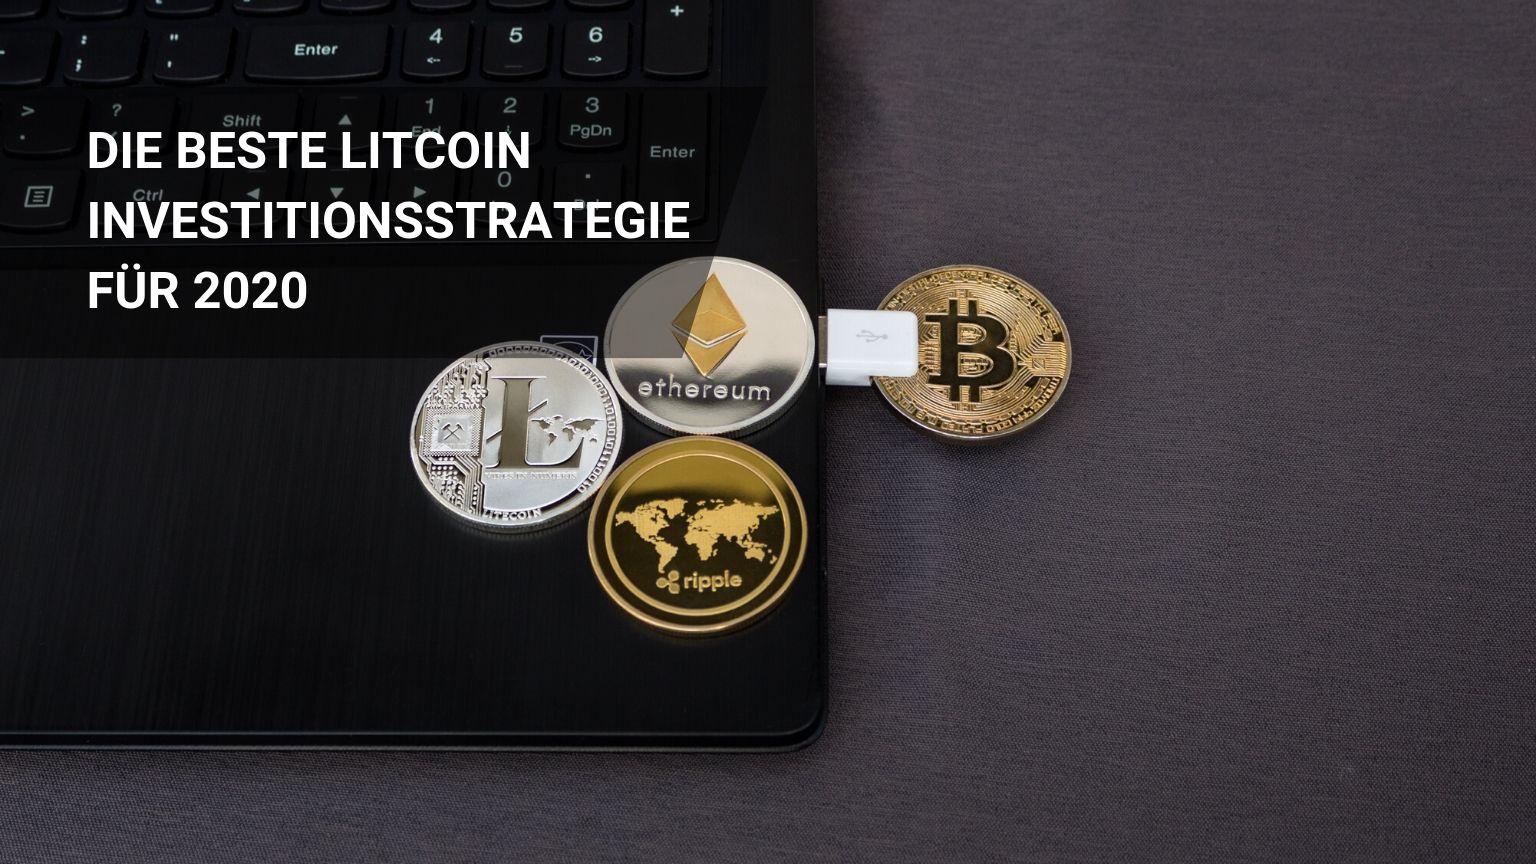 litecoin ist eine investition wert 2020 lernen sie alles zu diesem thema